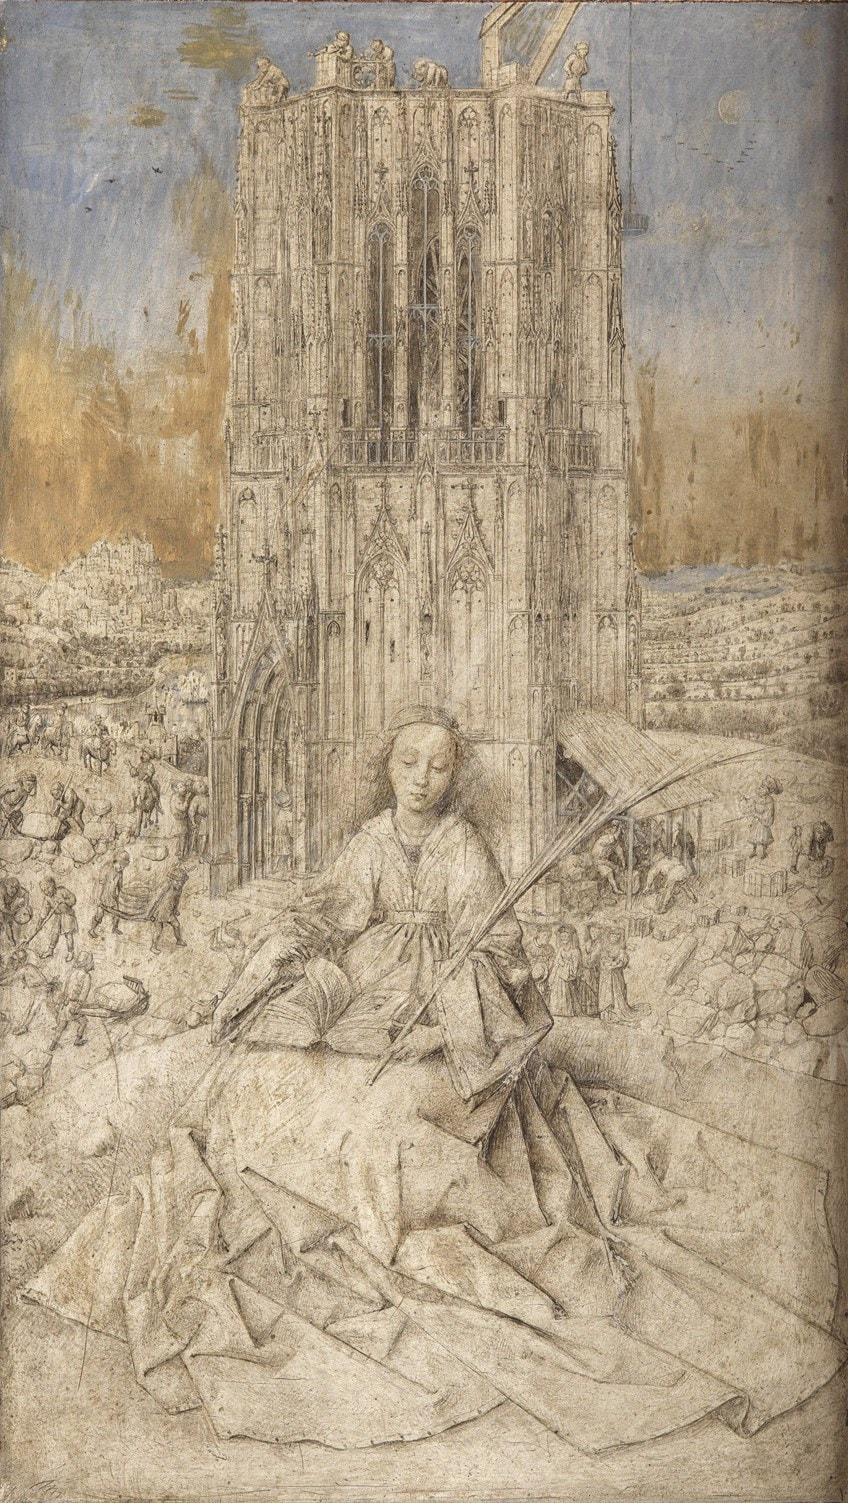 Jan van Eyck Artworks